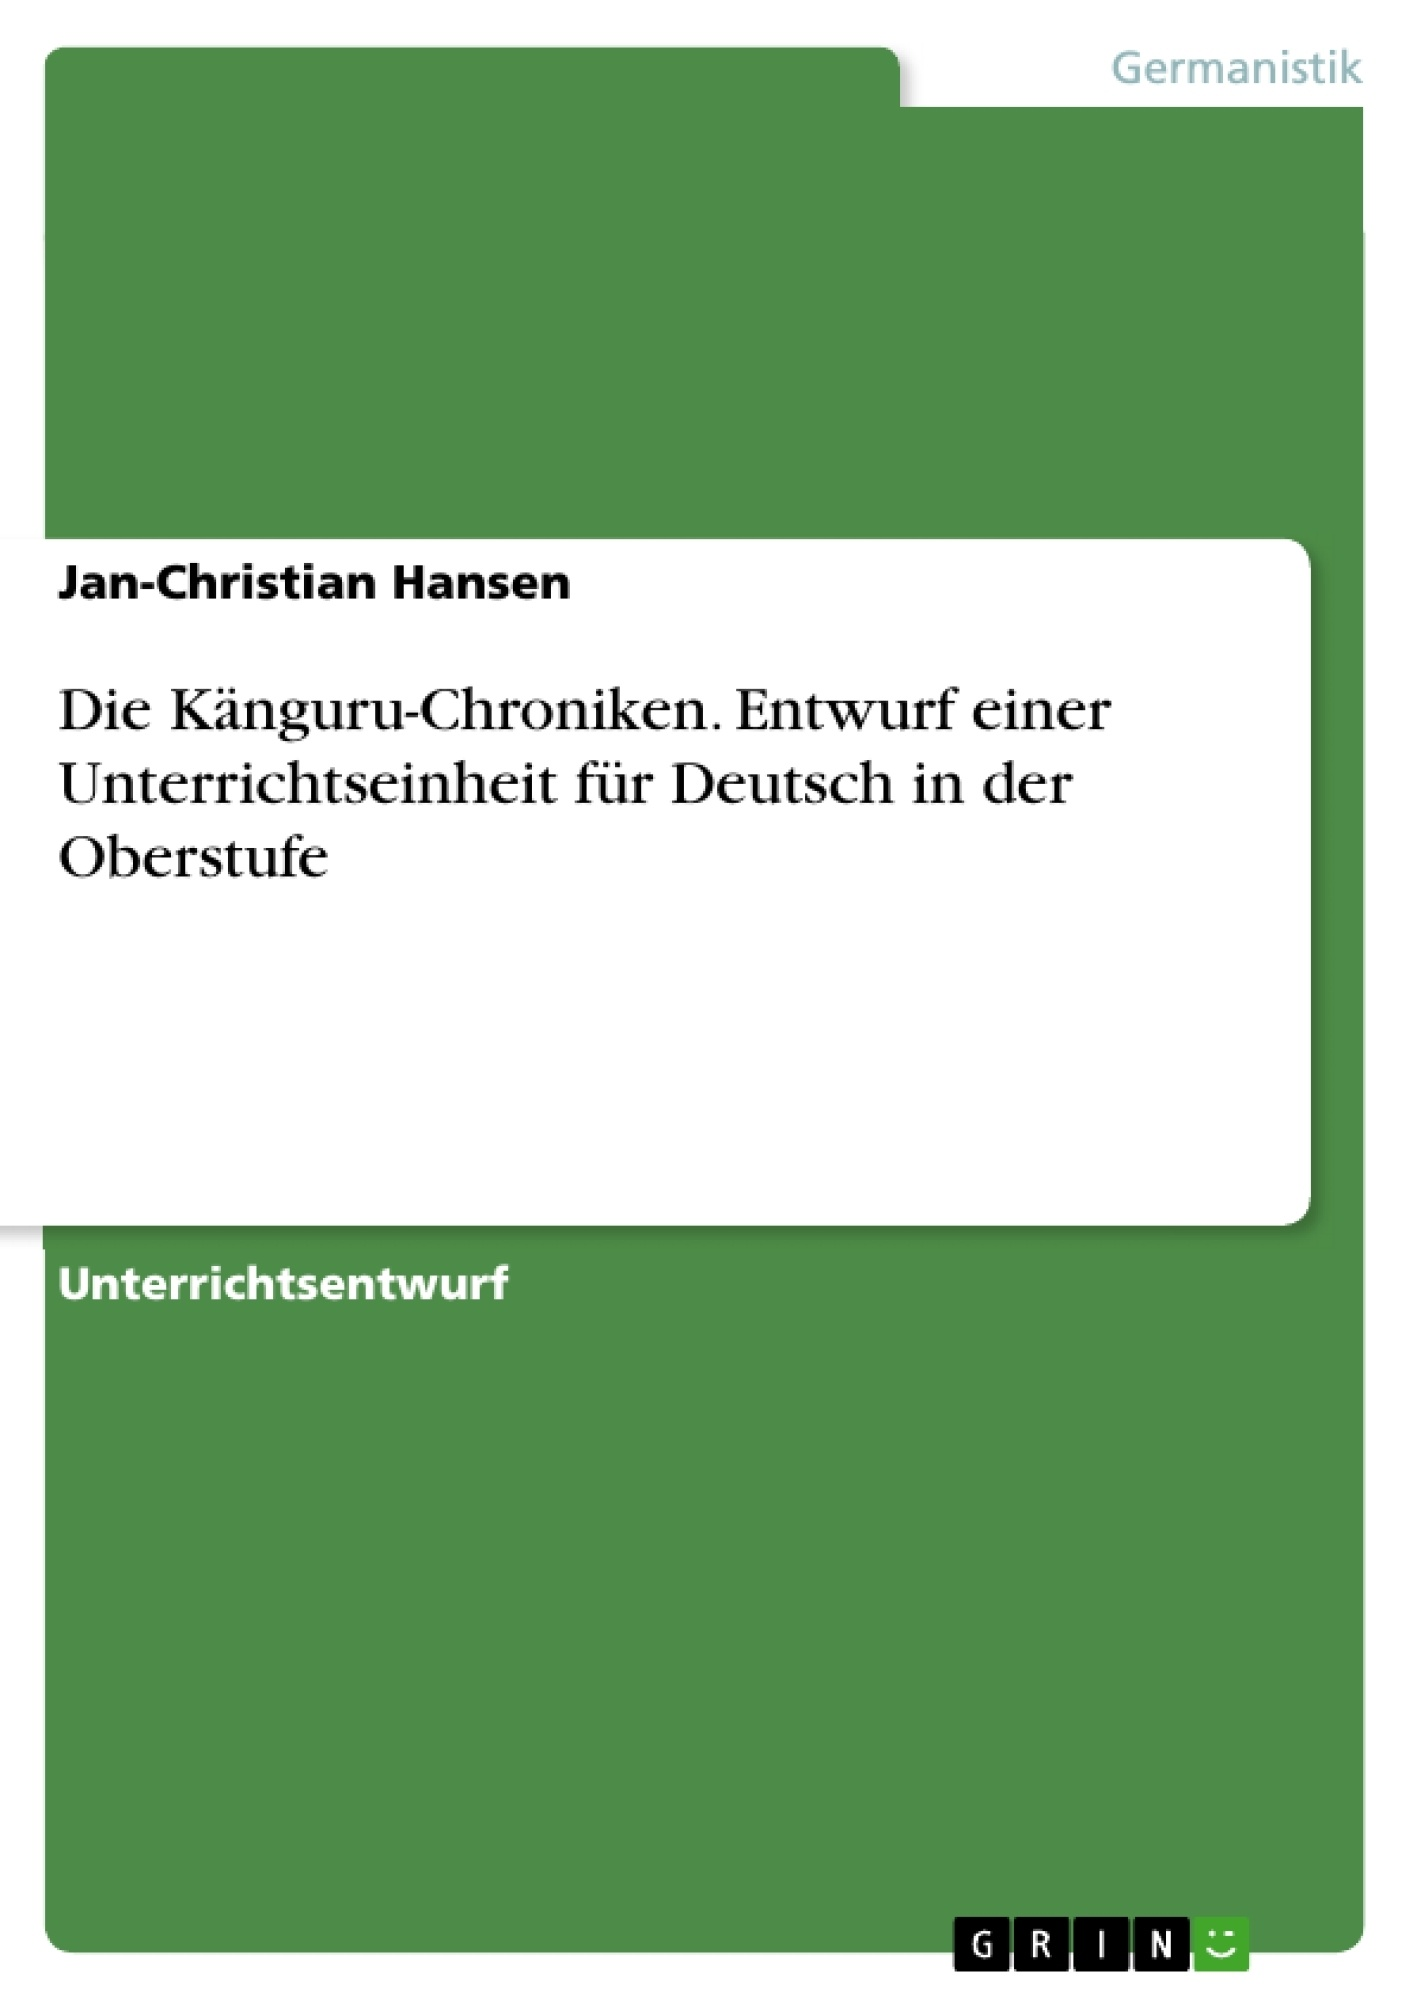 Titel: Die Känguru-Chroniken. Entwurf einer Unterrichtseinheit für Deutsch in der Oberstufe